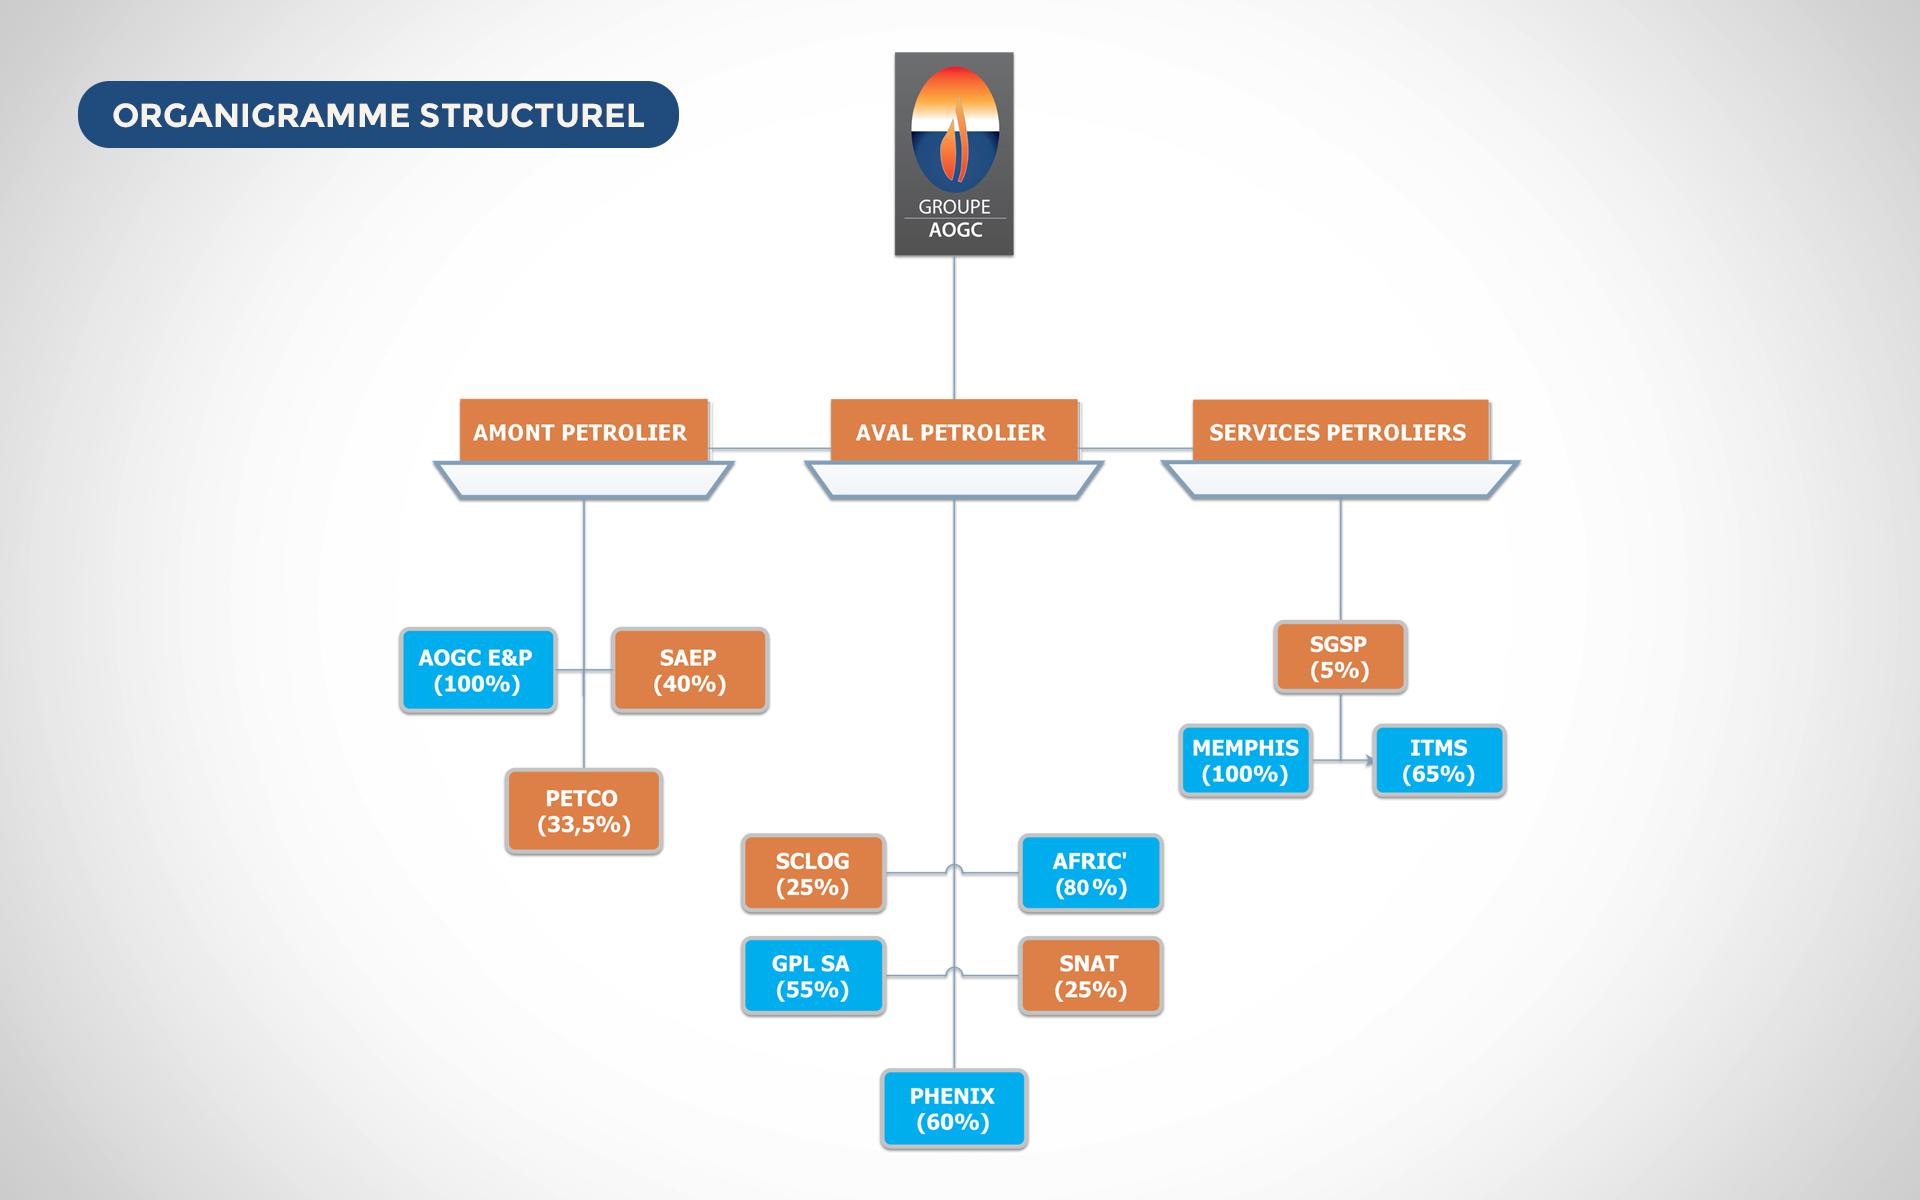 Organigramme structurel